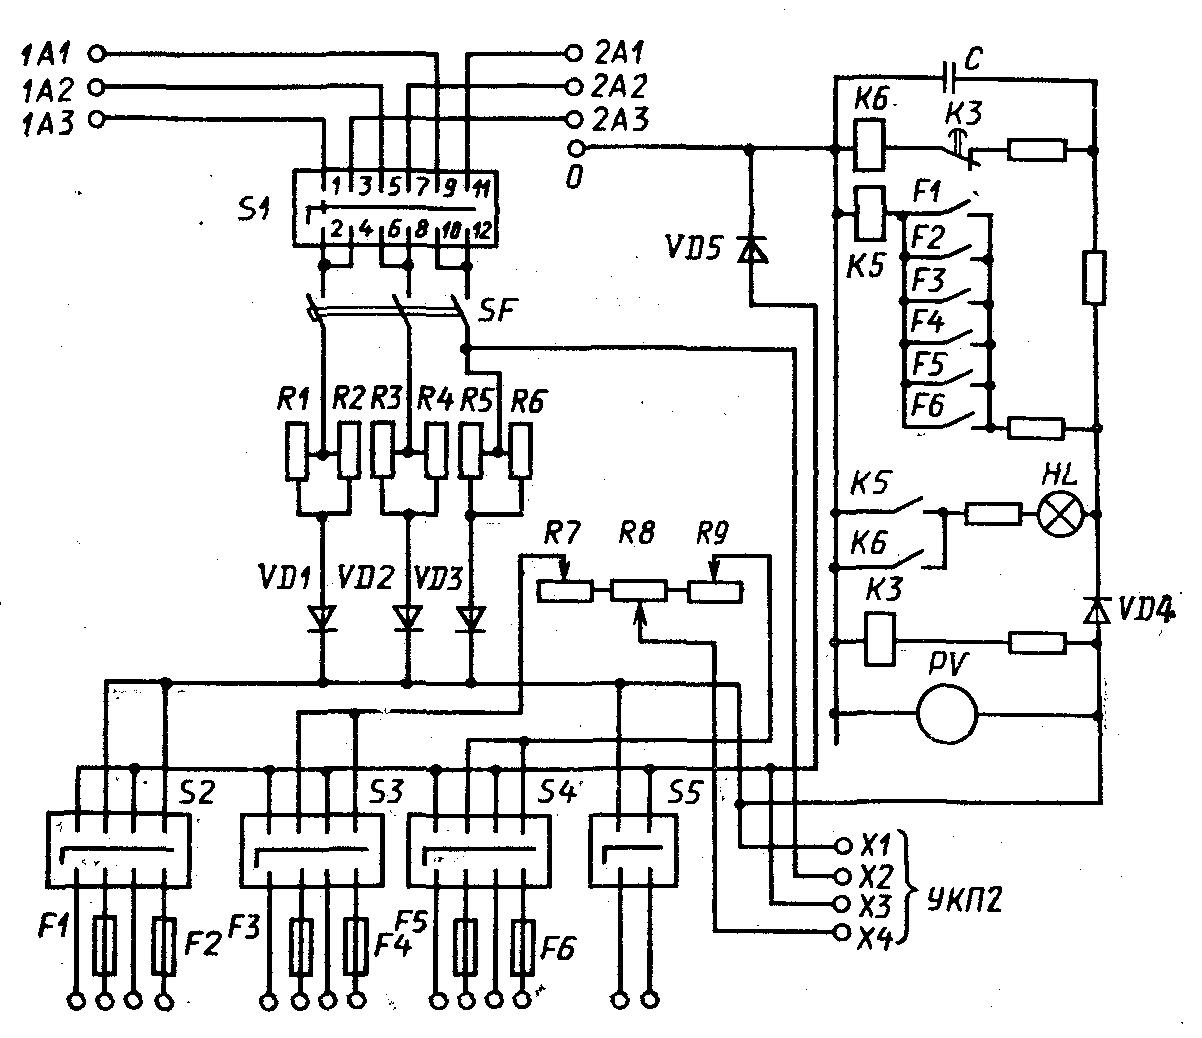 Схема устройства укп-к